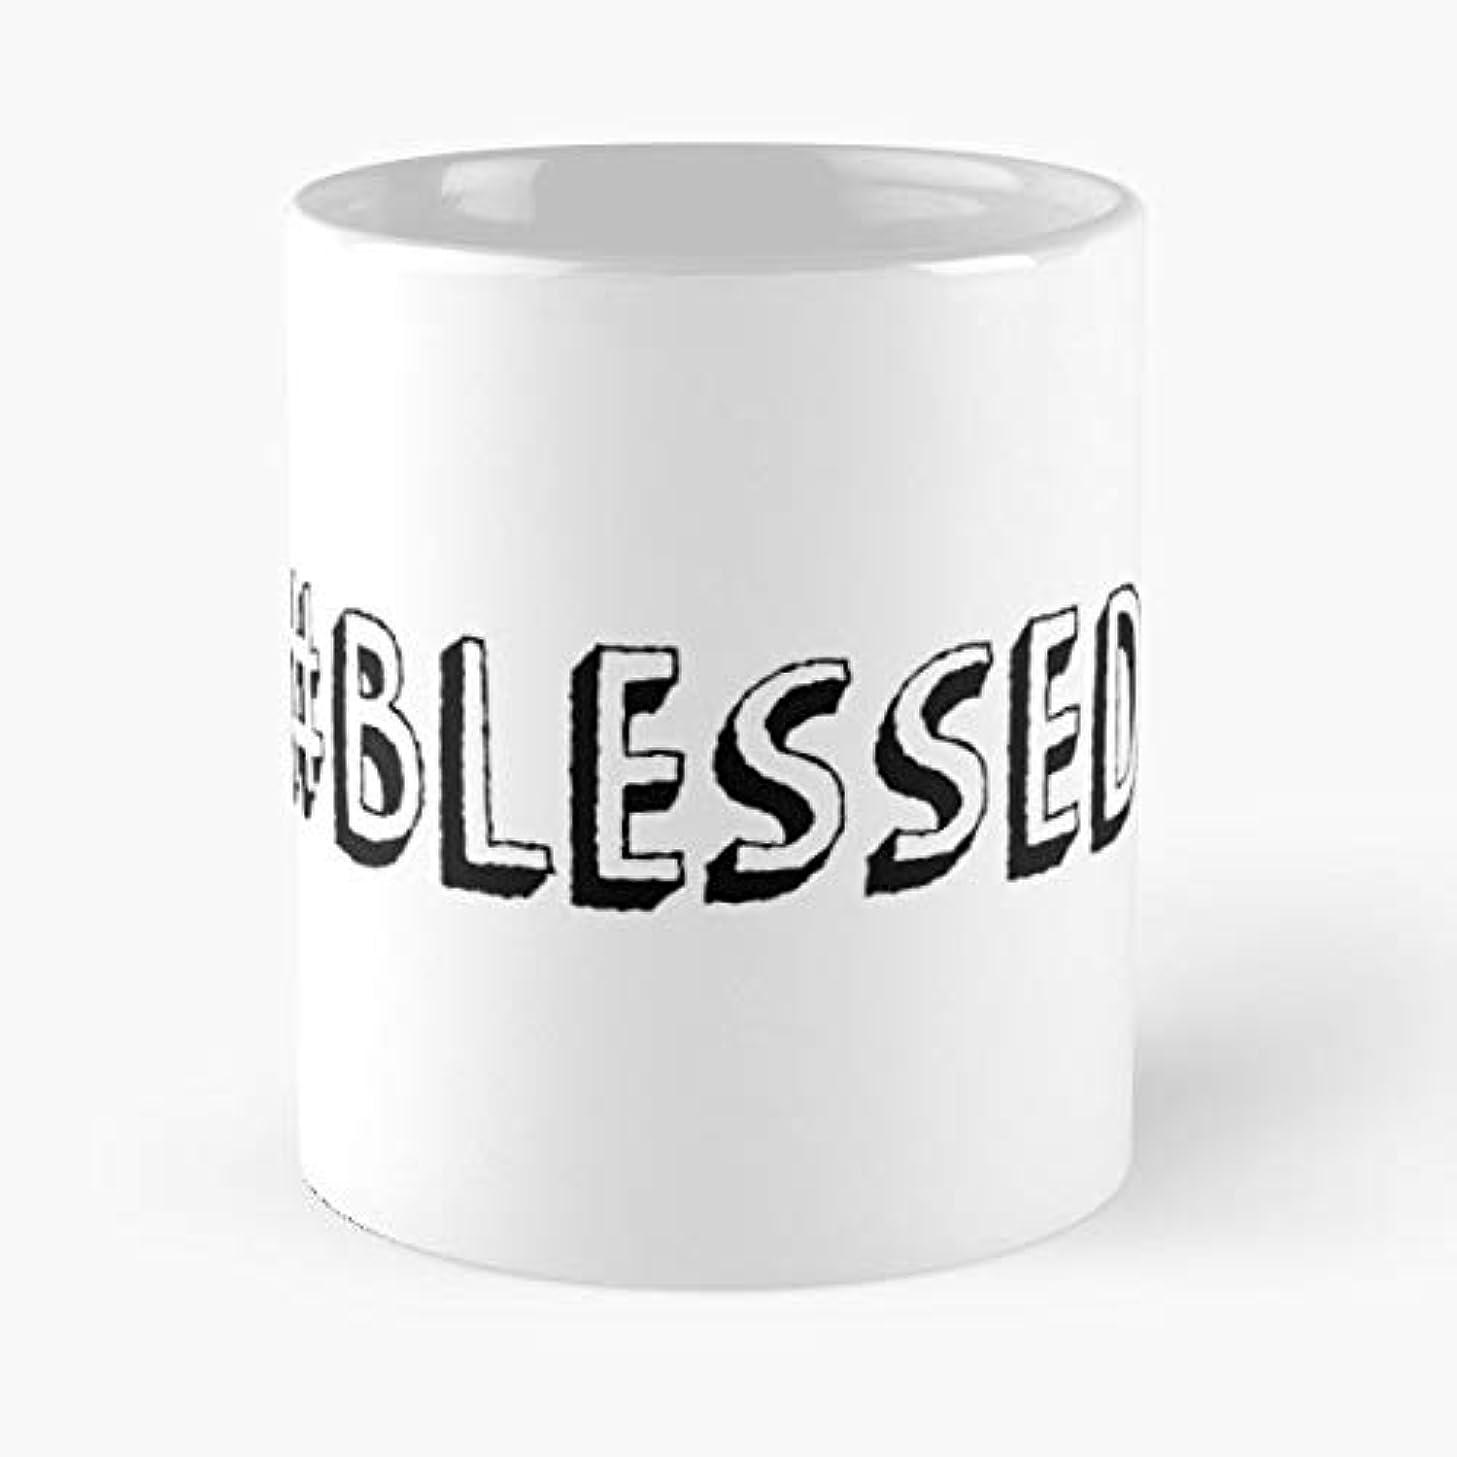 Positive Blessed Hashtag Minimal - Morning Coffee Mug Ceramic Novelty, Funny Gift